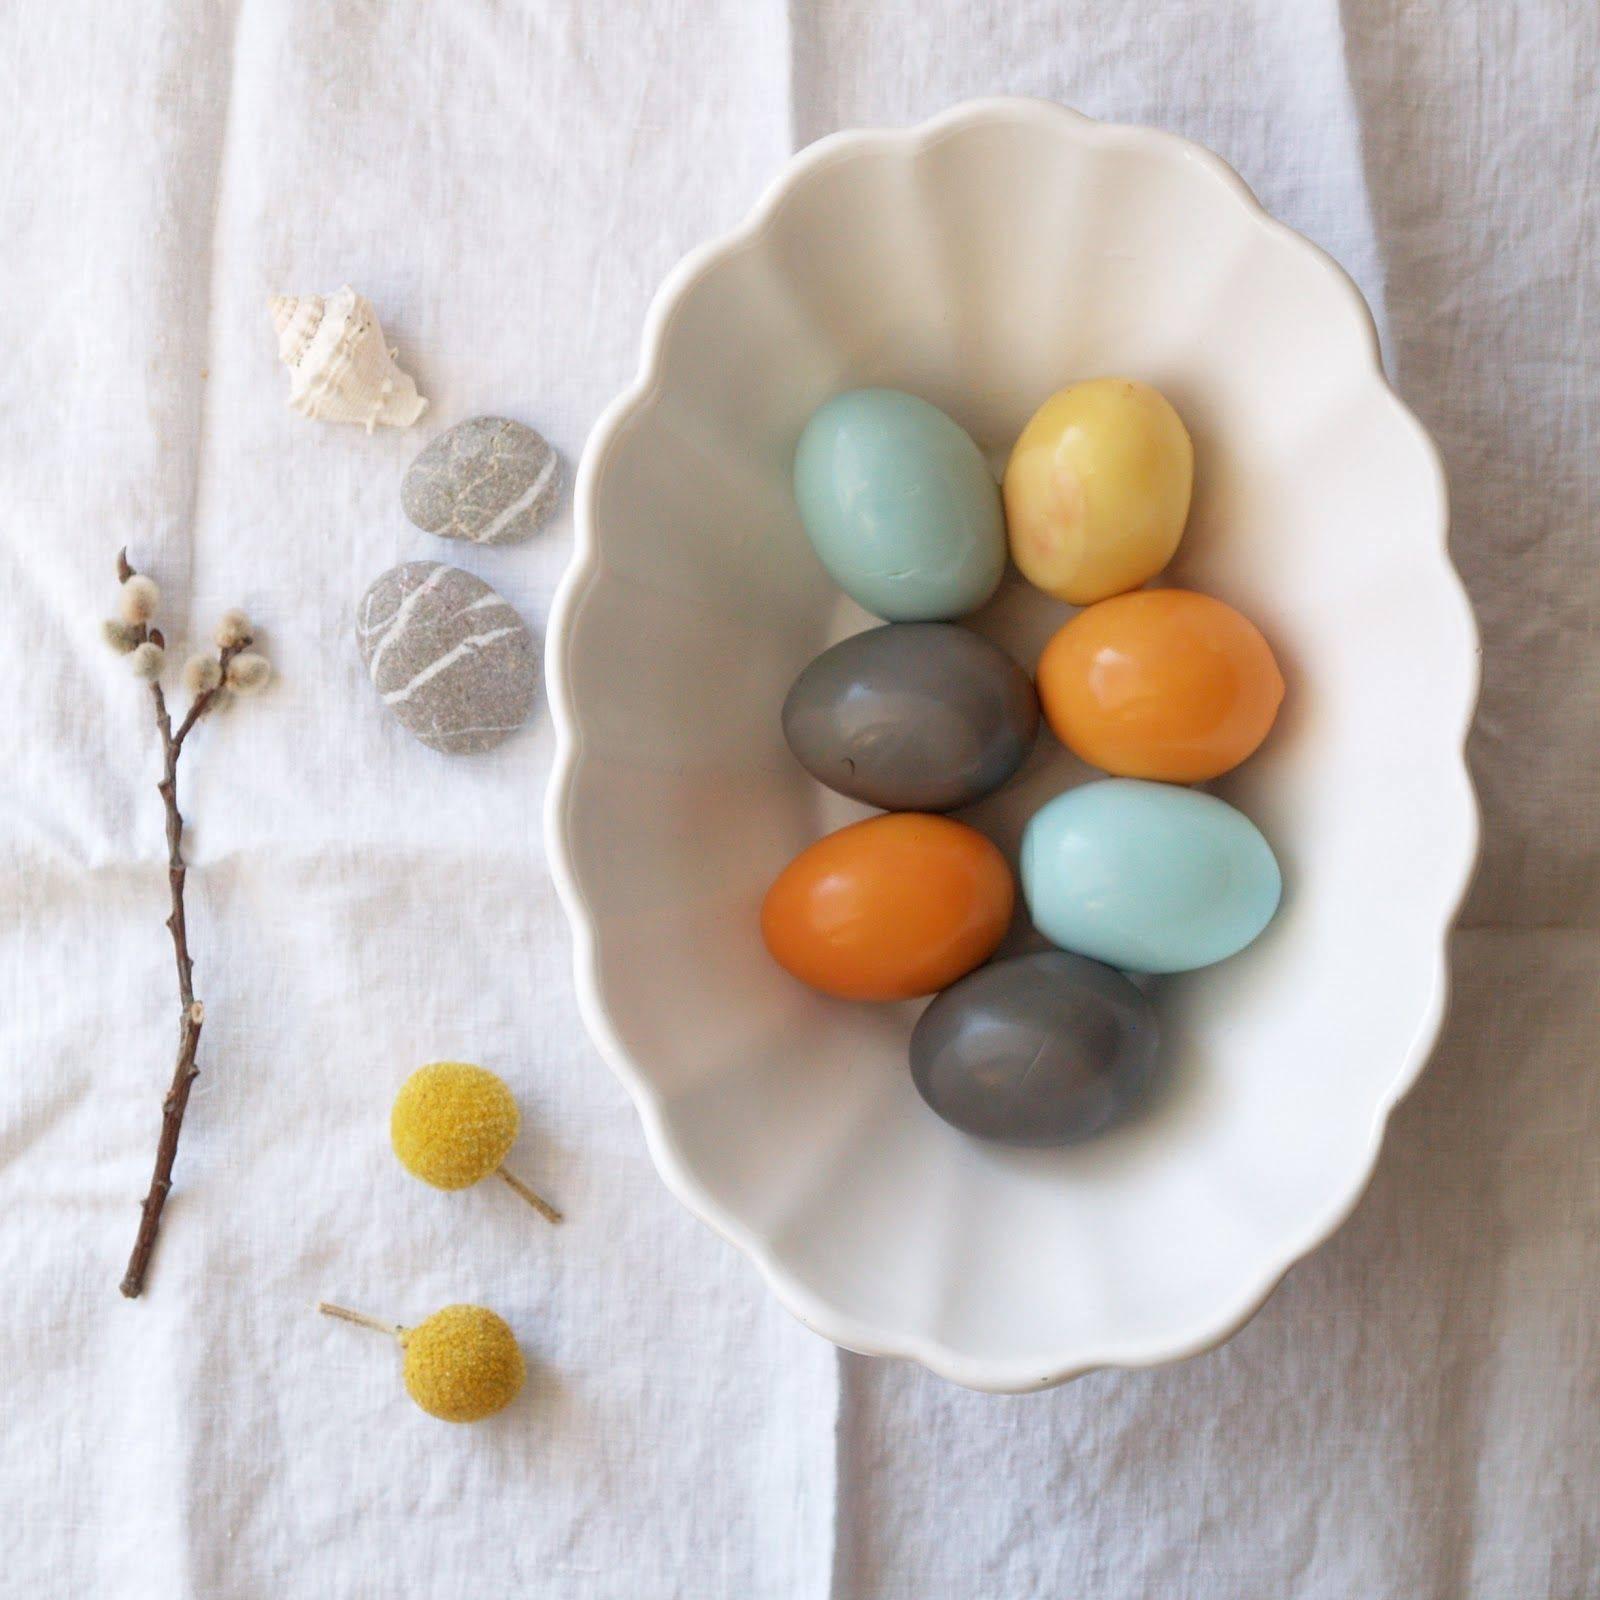 Как покрасить яйца чаем или кофе | utro.tv